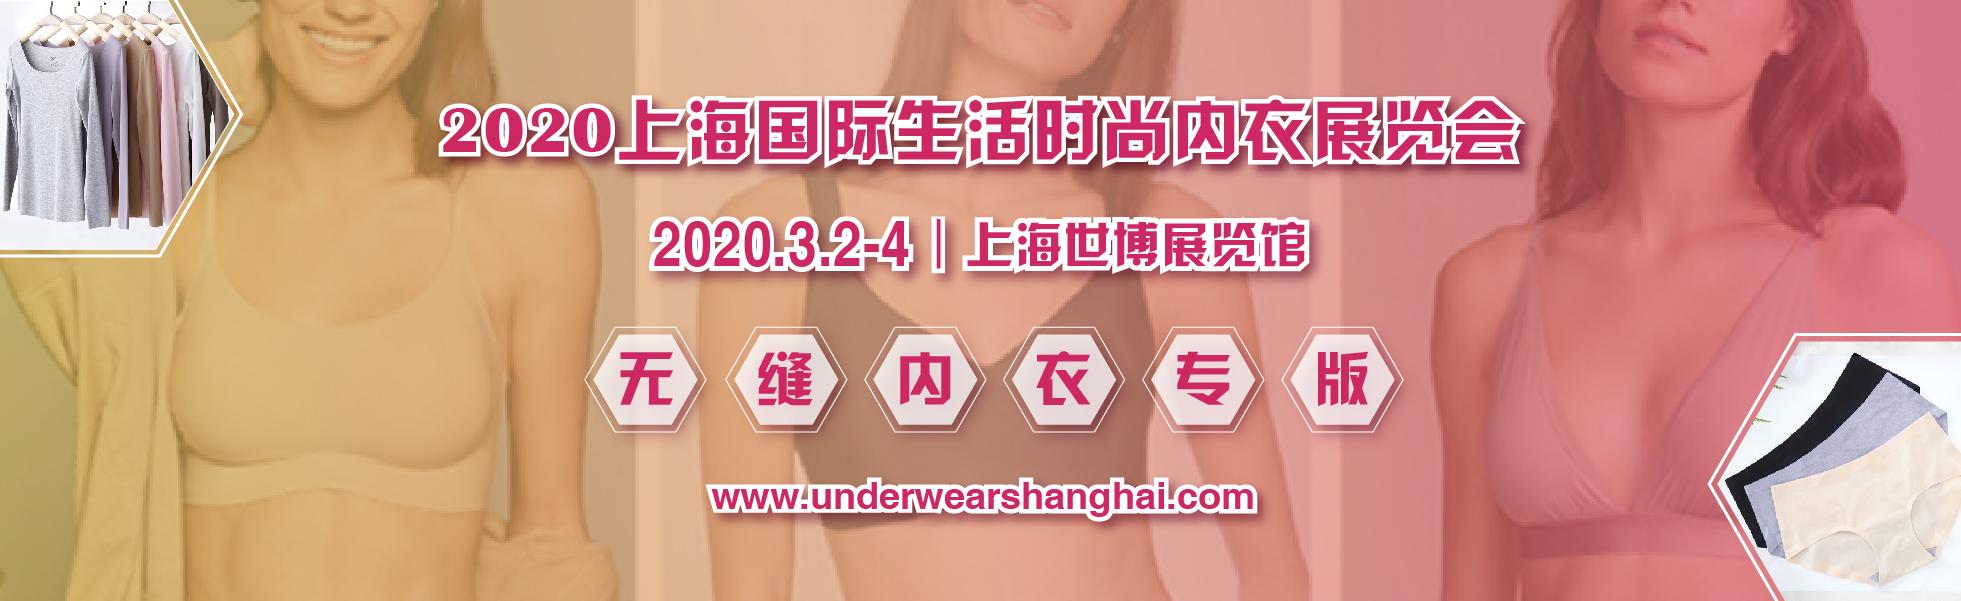 2020上海生活内衣展高度聚焦无缝内衣产业